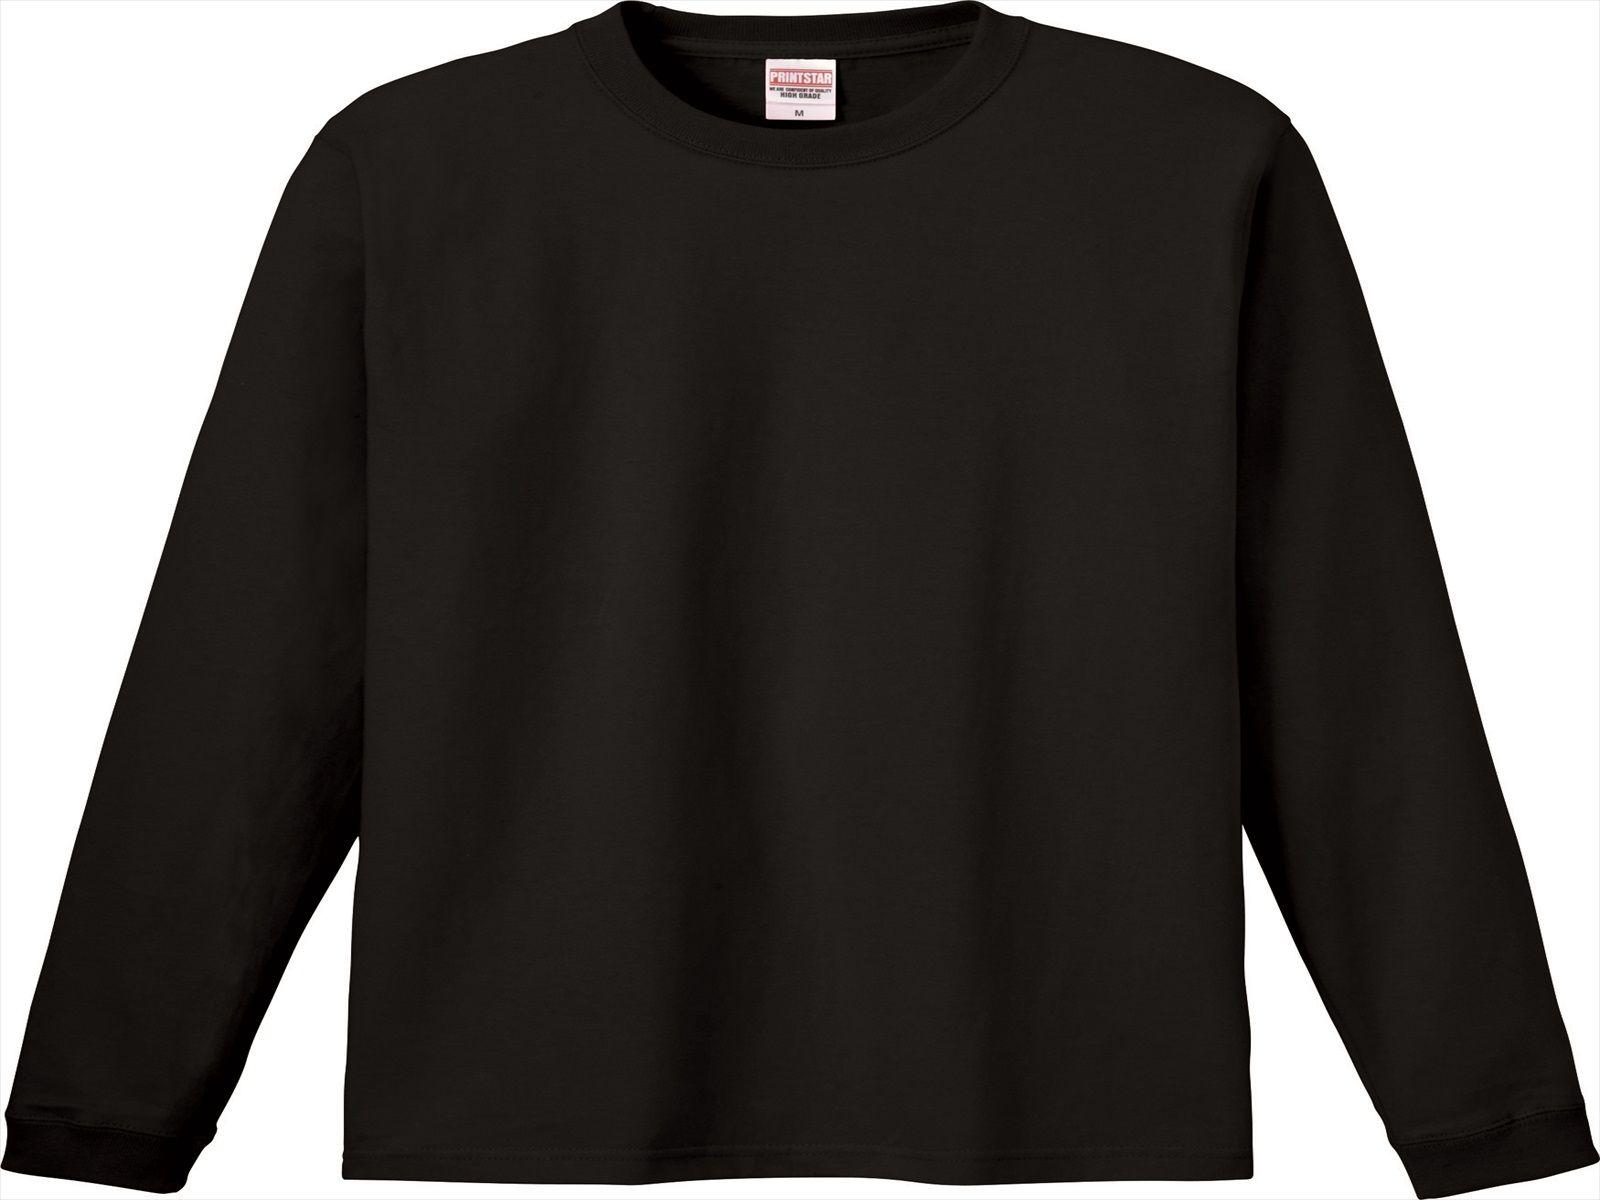 6.6オンス ハイグレードロングTシャツ カラー